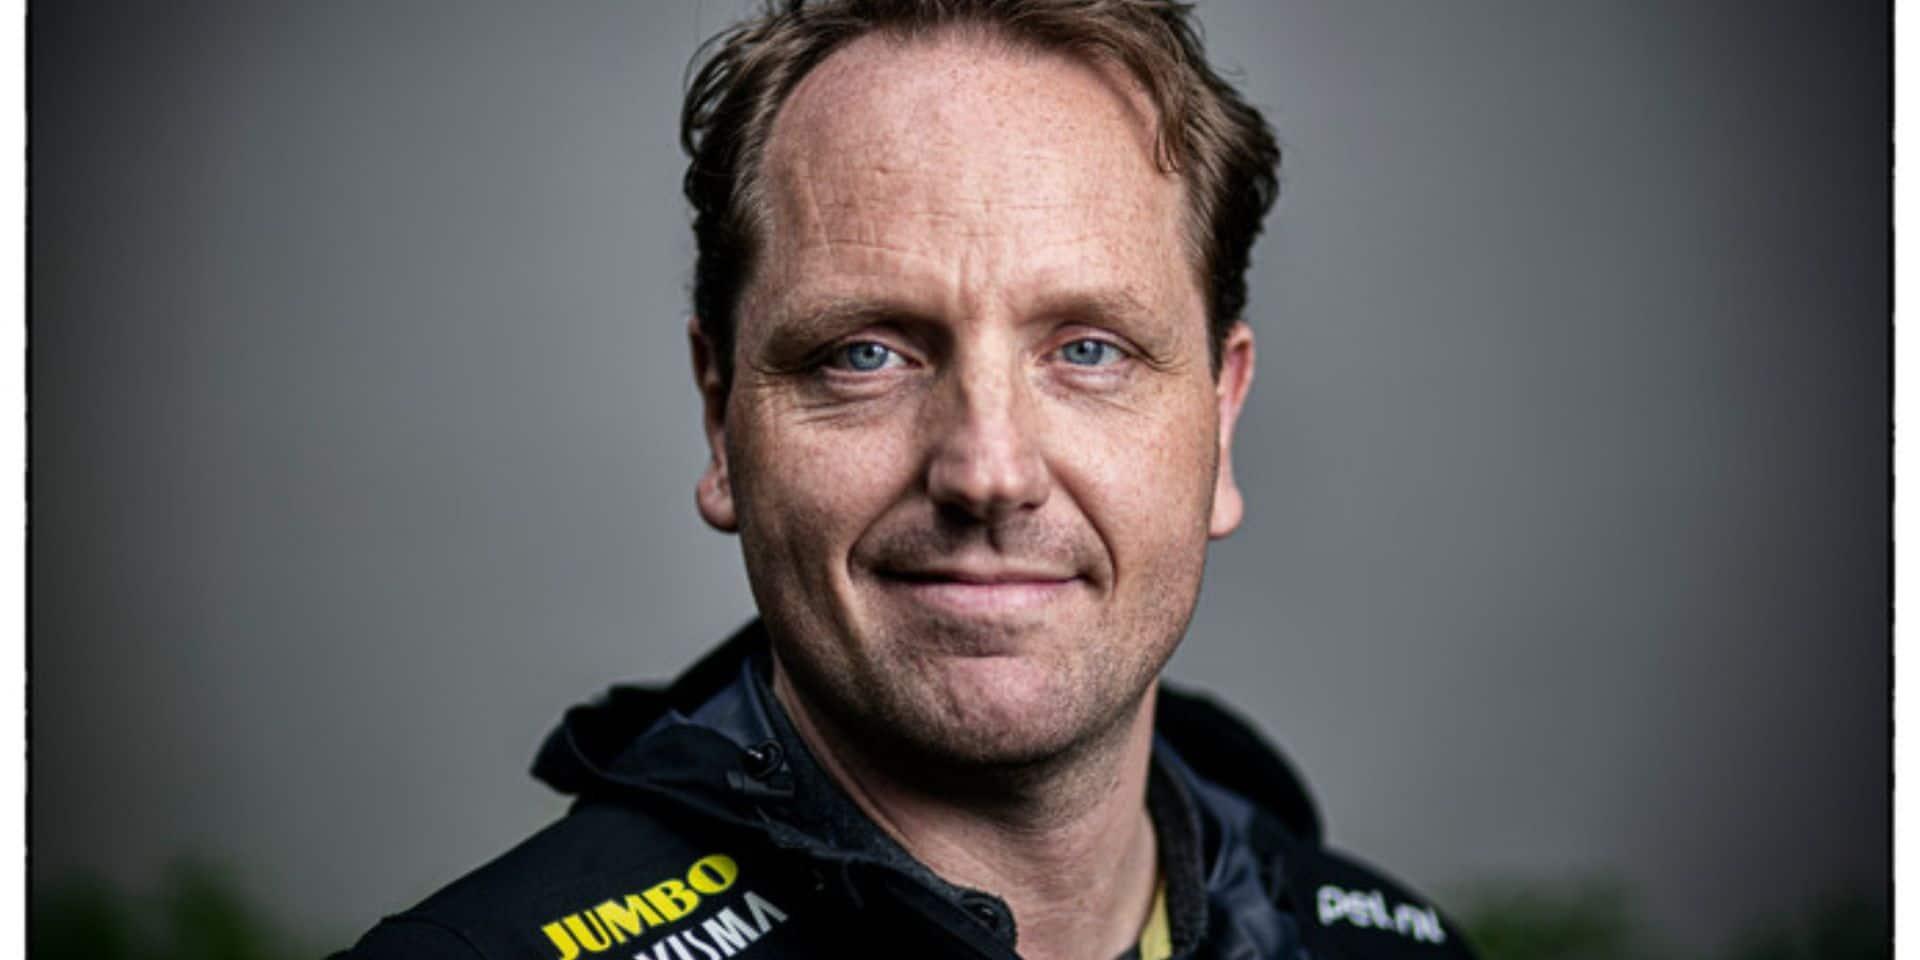 Merijn Zeeman, le directeur sportif de Jumbo-Visma sanctionné par l'UCI, présente ses excuses